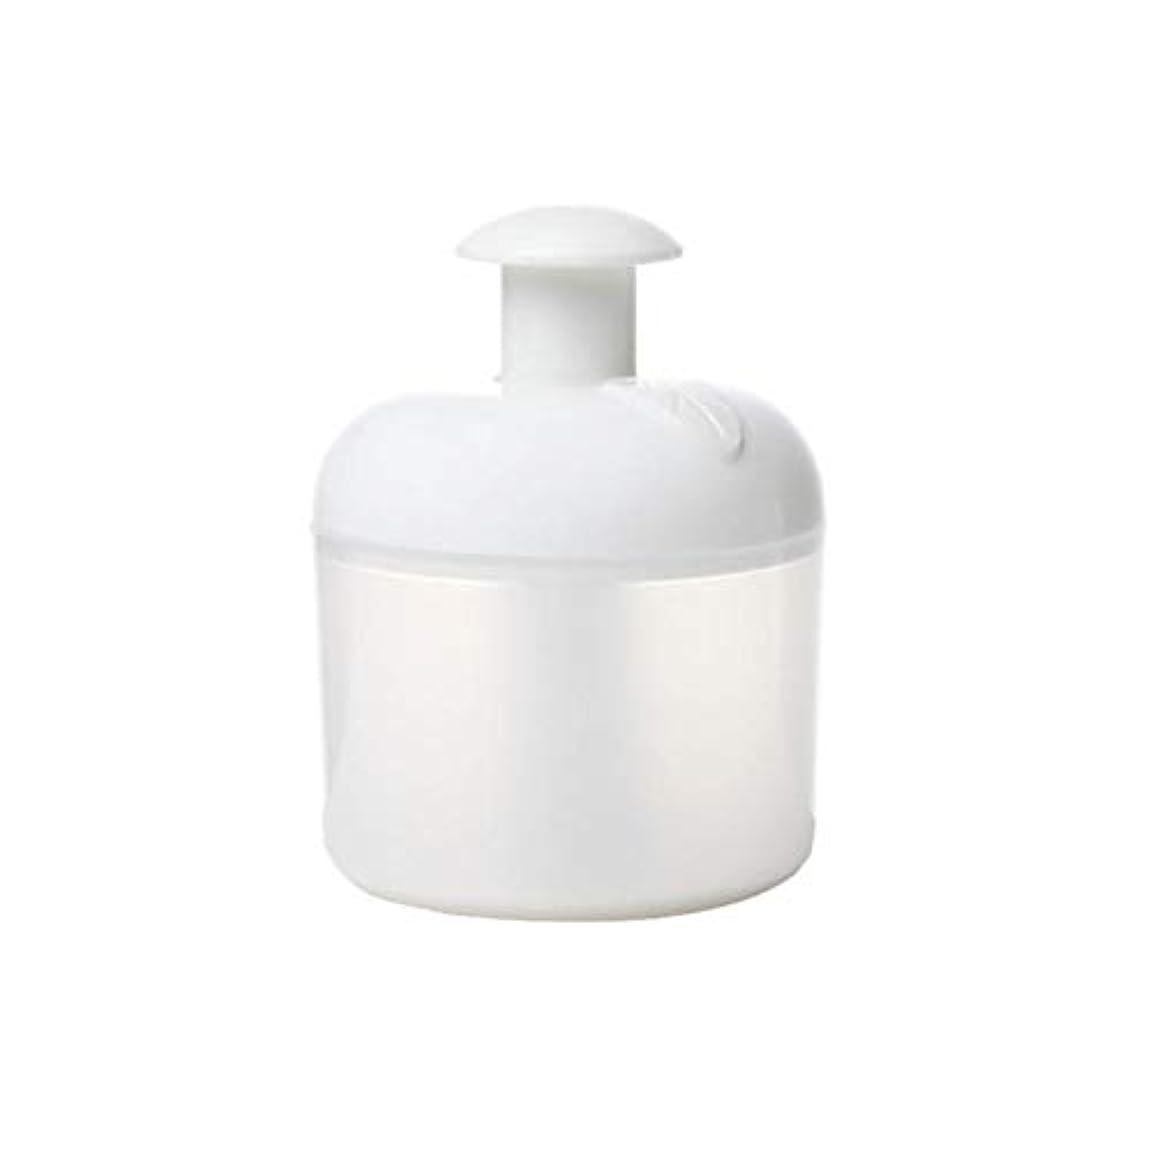 増幅する市民権ポットマイクロバブルフォーマー - Dewin 洗顔泡立て器 洗顔ネット マイクロホイッパー クリーンツール 7倍の濃厚なバブル 美容グッズ